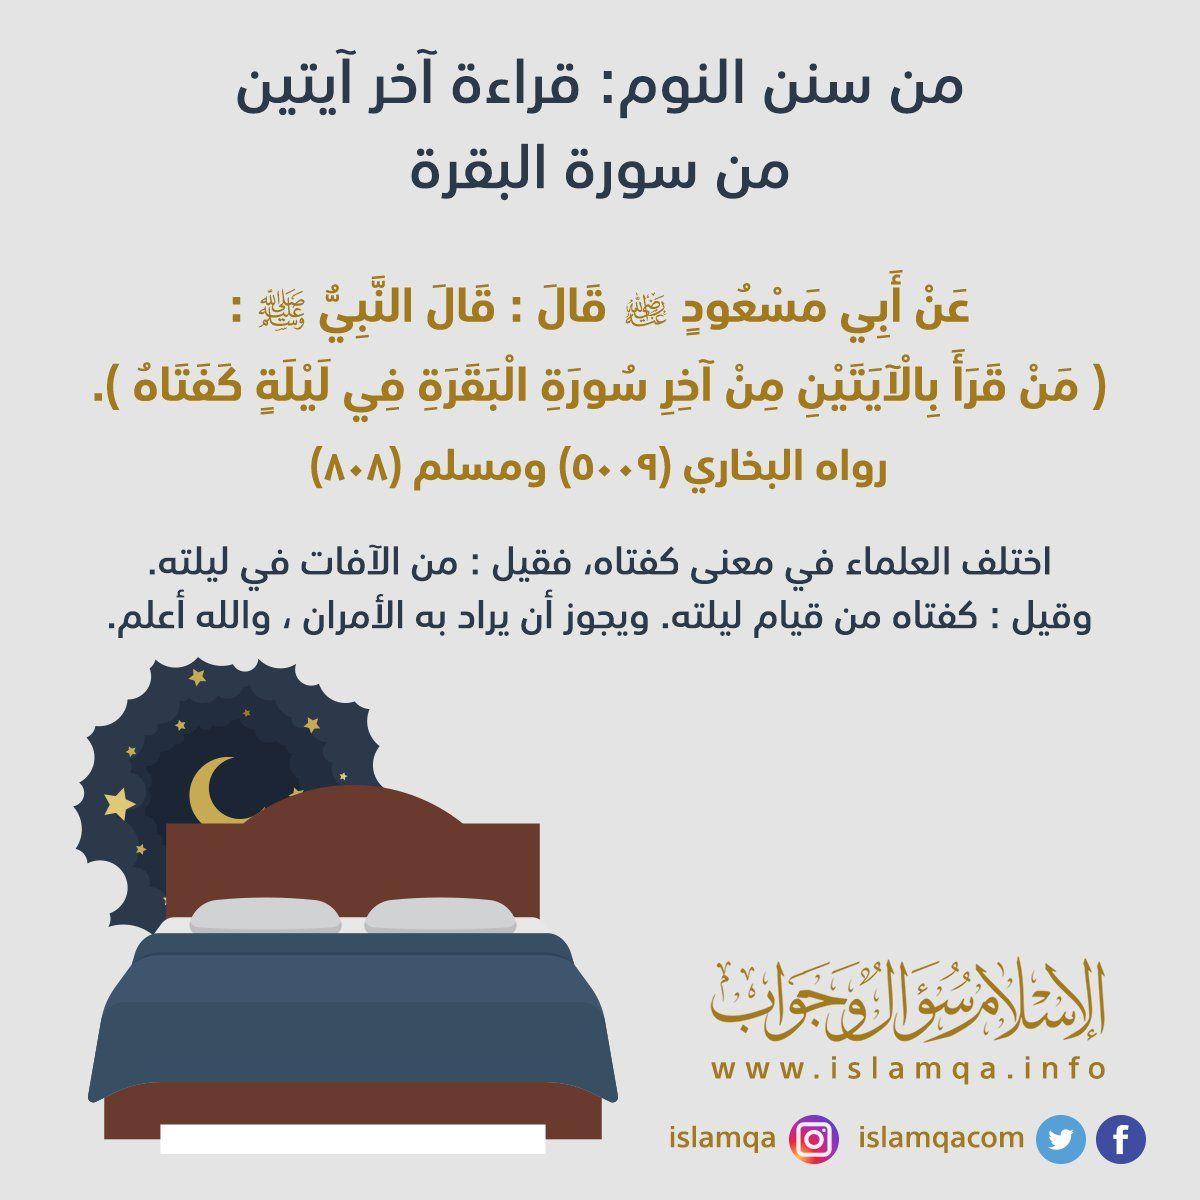 الإسلام سؤال وجواب Islamqacom Twitter Islam Quran Memes Islam